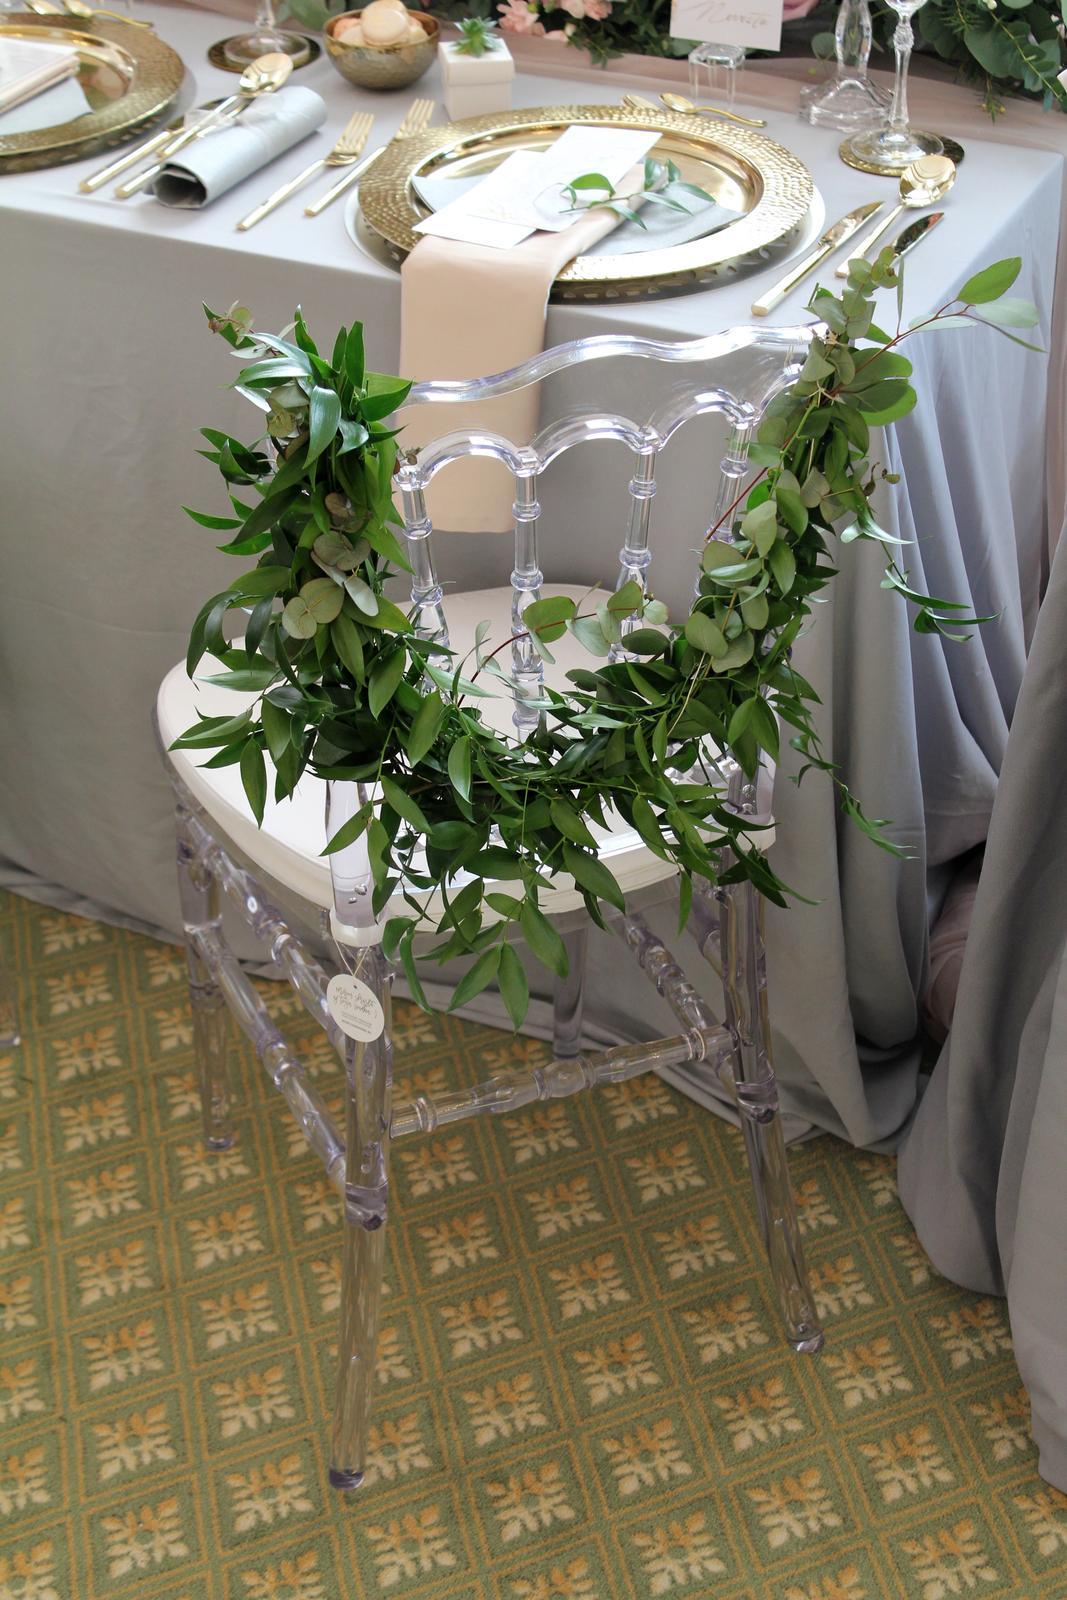 Naša svadobná výzdoba na svadobnom veľtrhu v Tatranskej Lomnici v grandhoteli Praha. - Obrázok č. 4